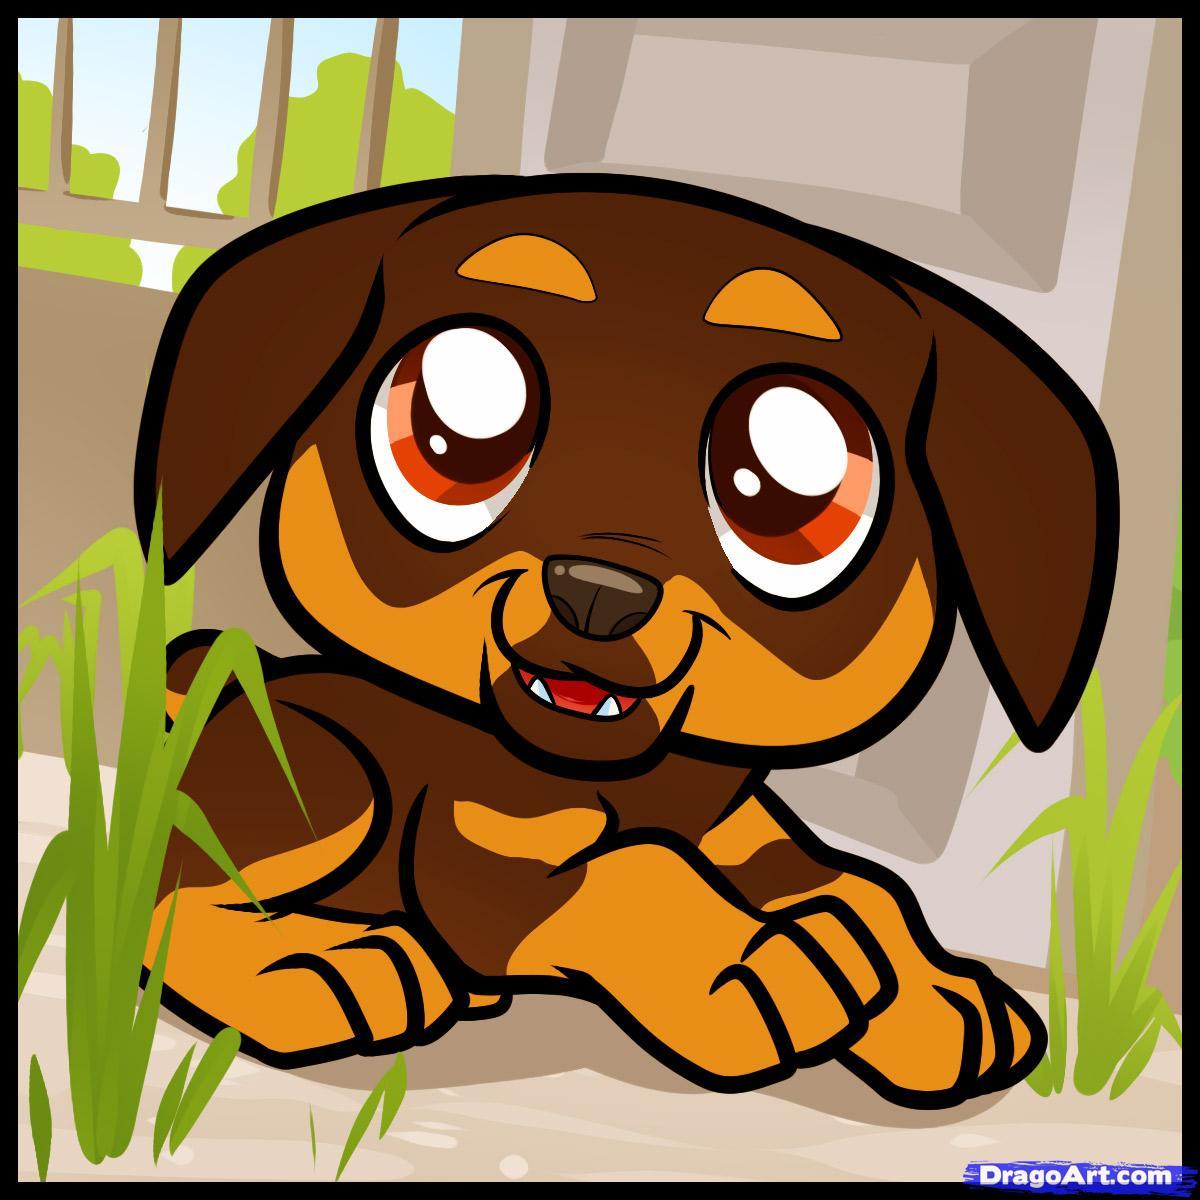 Drawn puppy rottweiler puppy Rottweiler draw Puppy rottweiler rottweiler